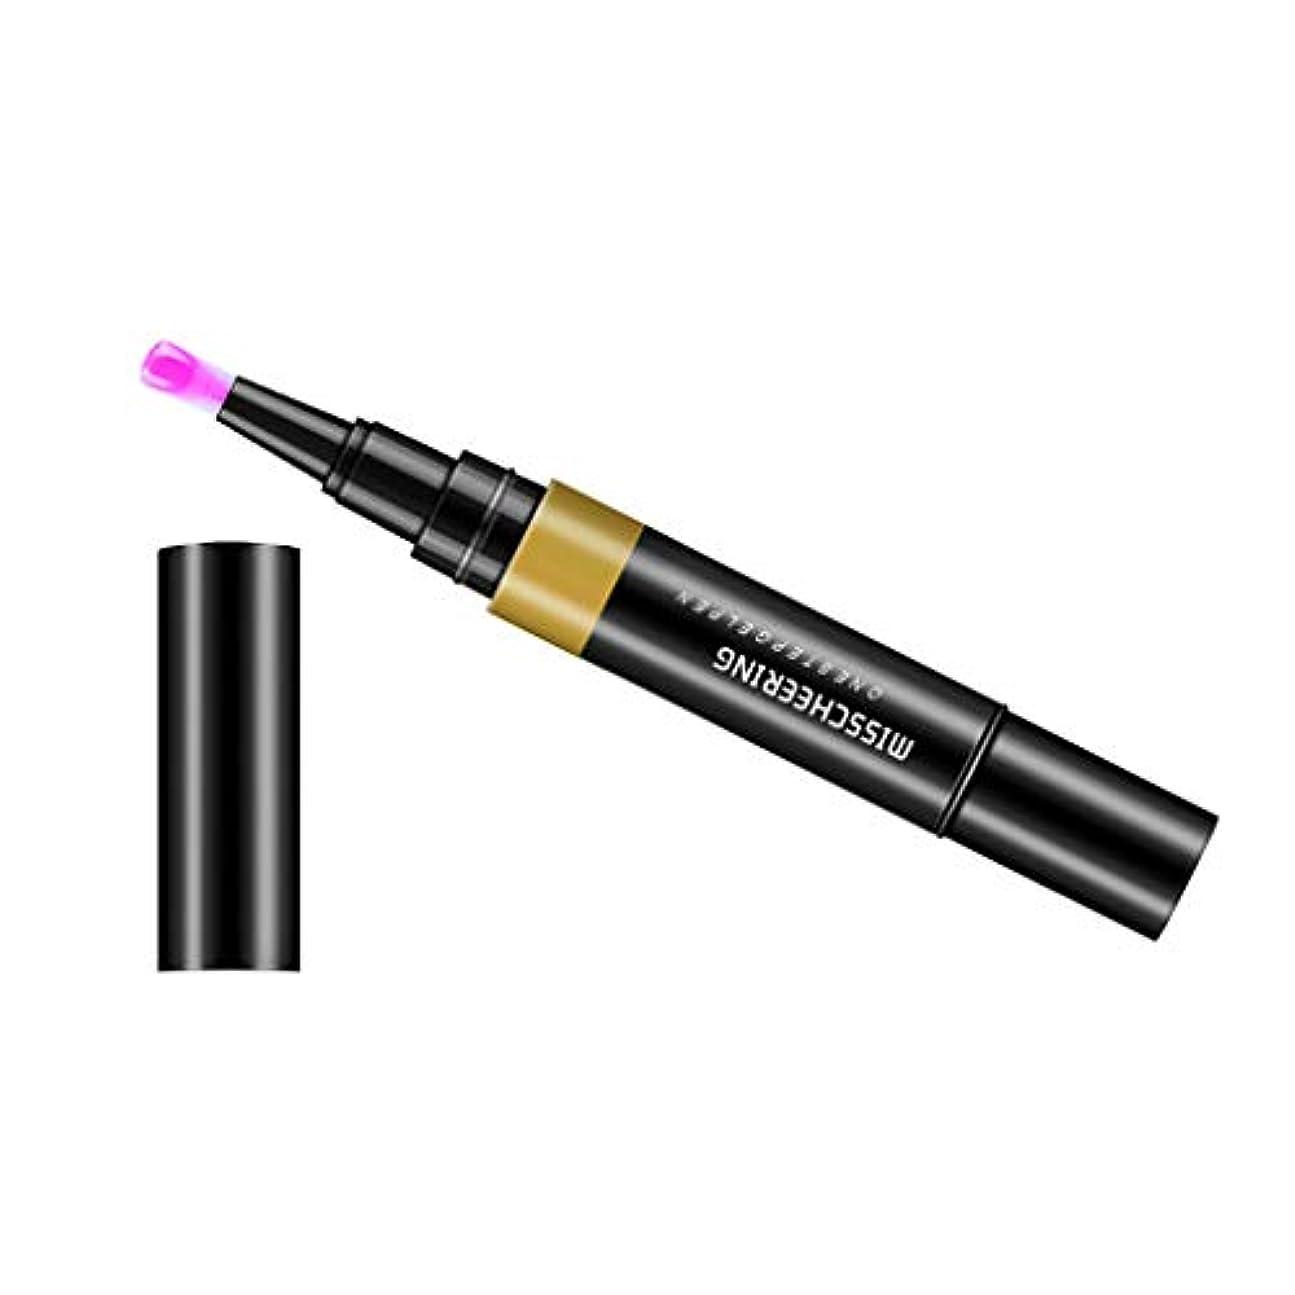 固体ベーシック自動化Toygogo ジェル マニキュアペン ワニスラッカー ネイルアートペン 3 イン 1 サロン 初心者 セルフネイル DIY - パープルレッド